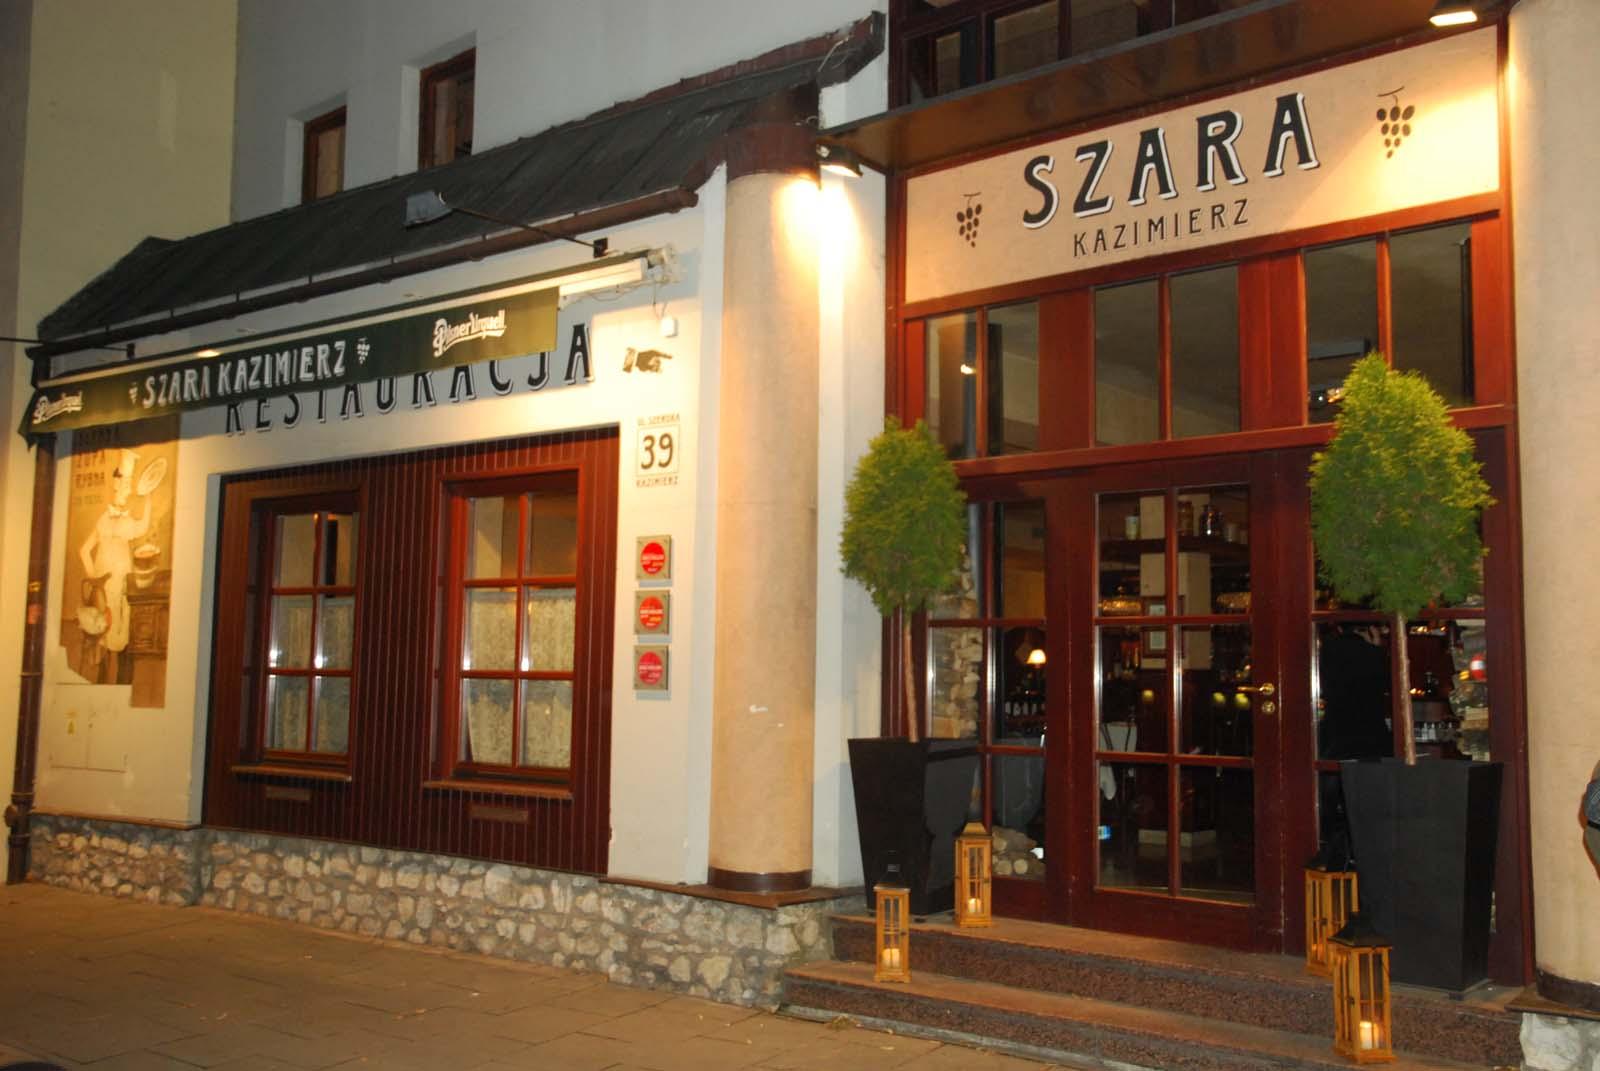 Restauracja  na krakowskim Kazimierzu przy ulicy Szerokiej, Kraków, Polska